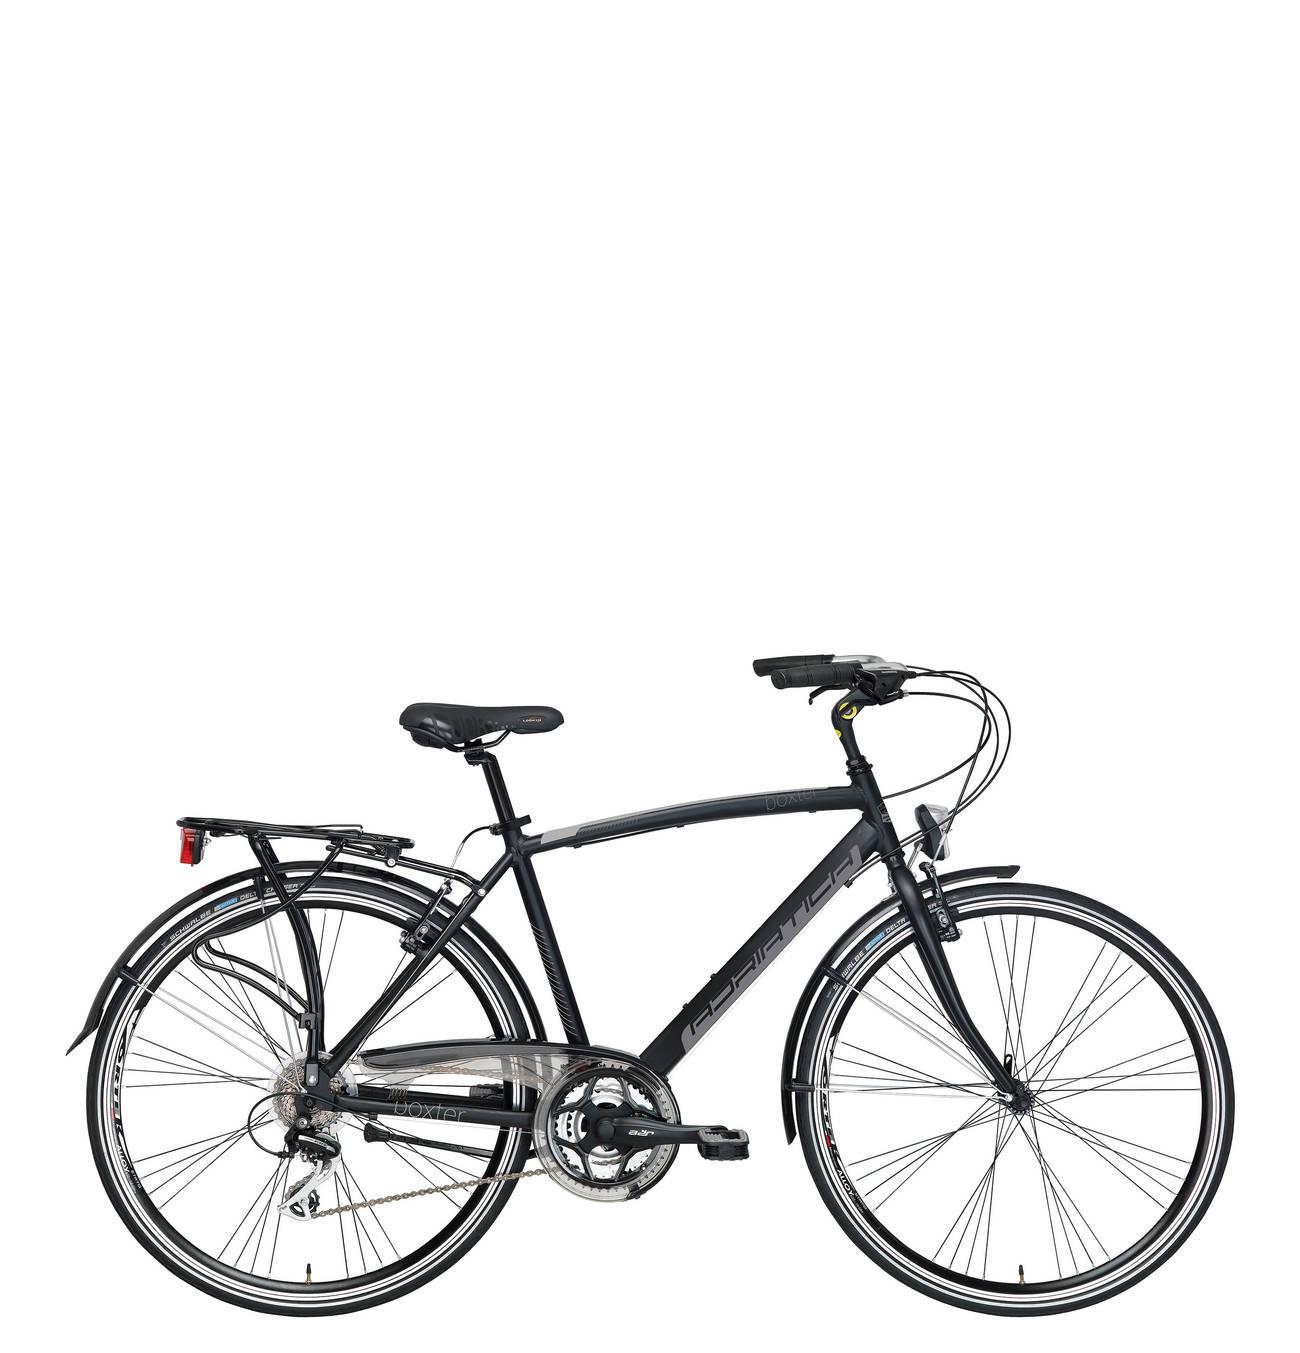 28 Zoll Herren Trekking Fahrrad Boxter Hp 21 Gang Fahrrad Trekking Fahrrad Felgen